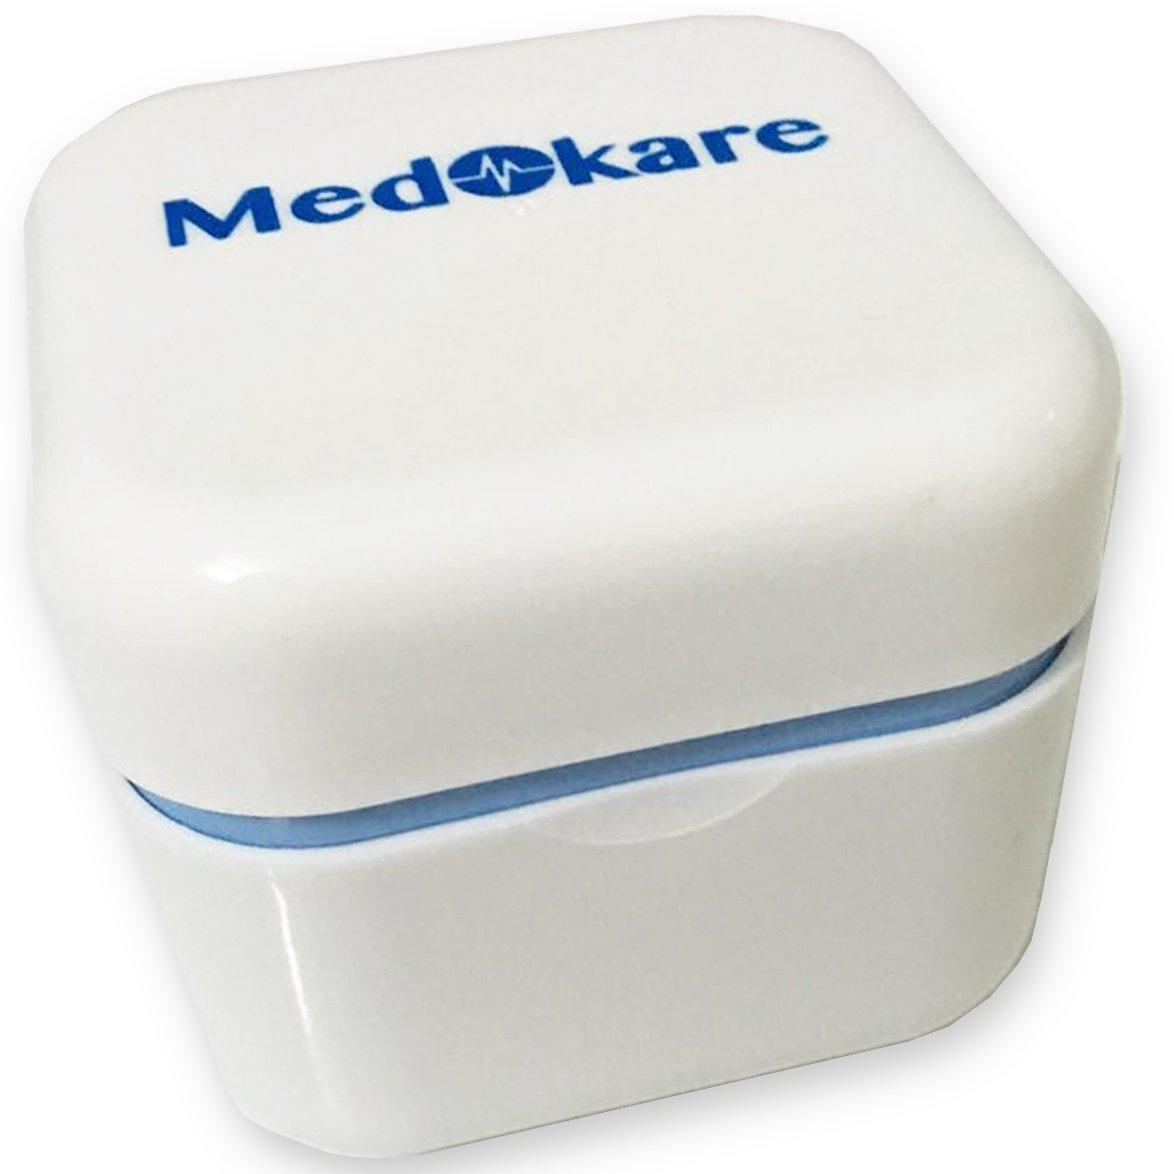 Best Bath Water Retainer : Online store denture case with strainer medokare